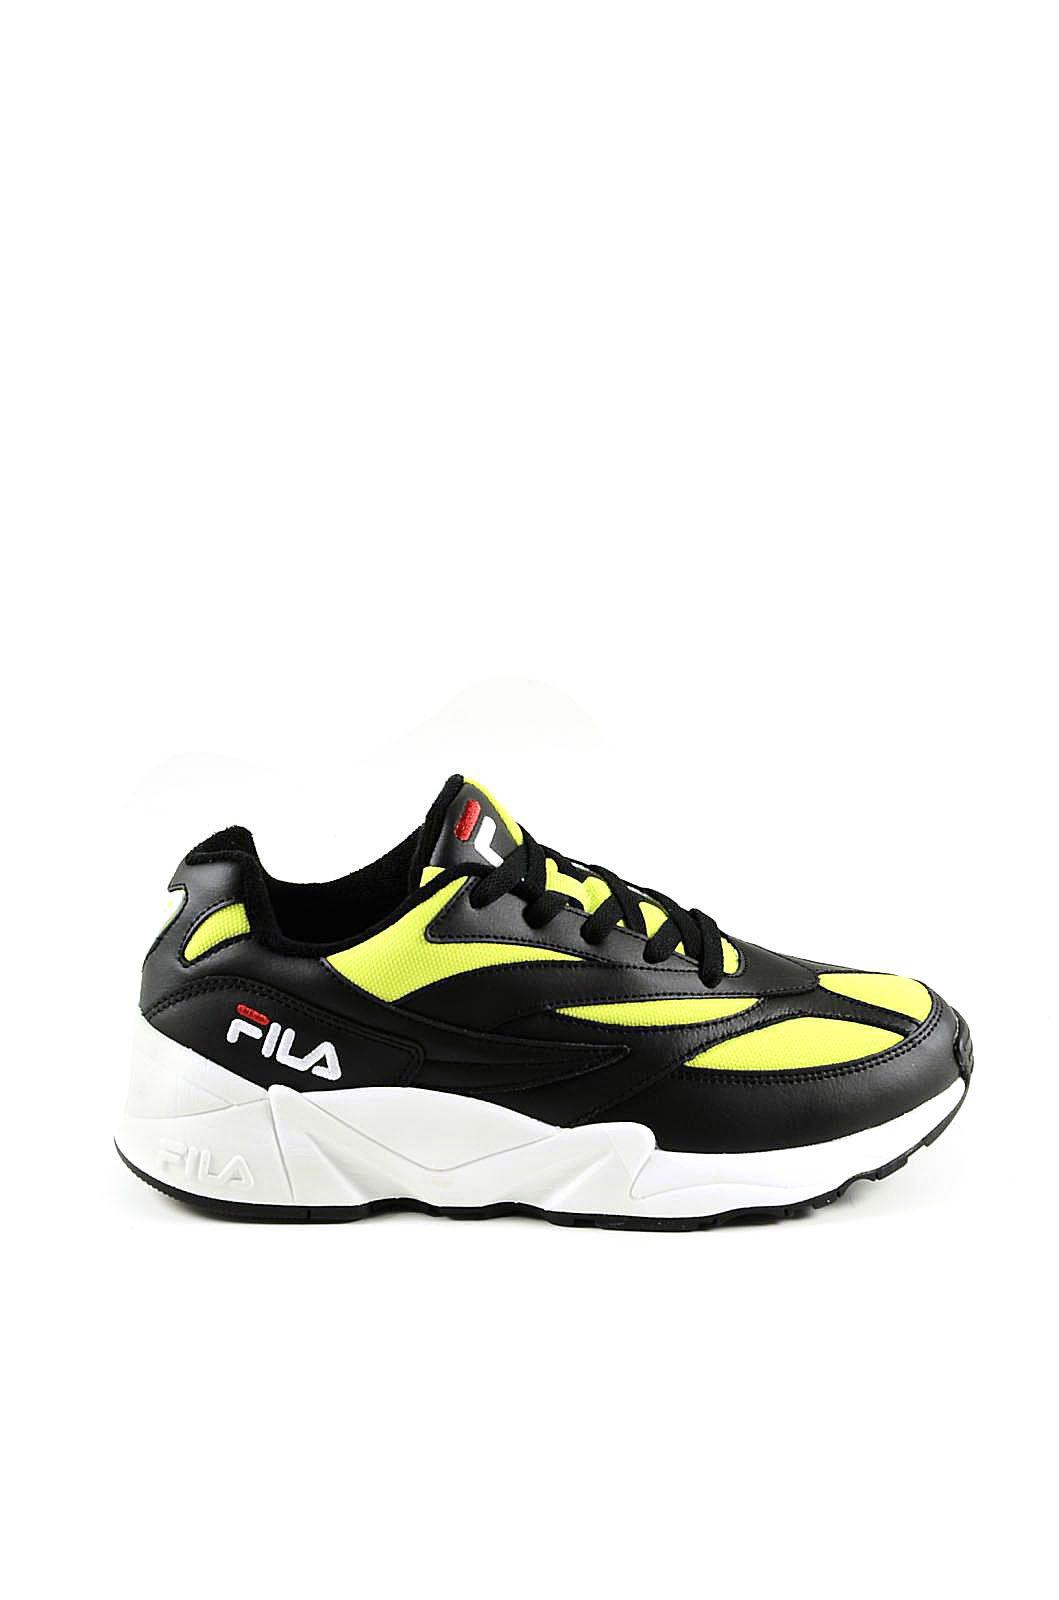 Fila Men's Sneakers In Black